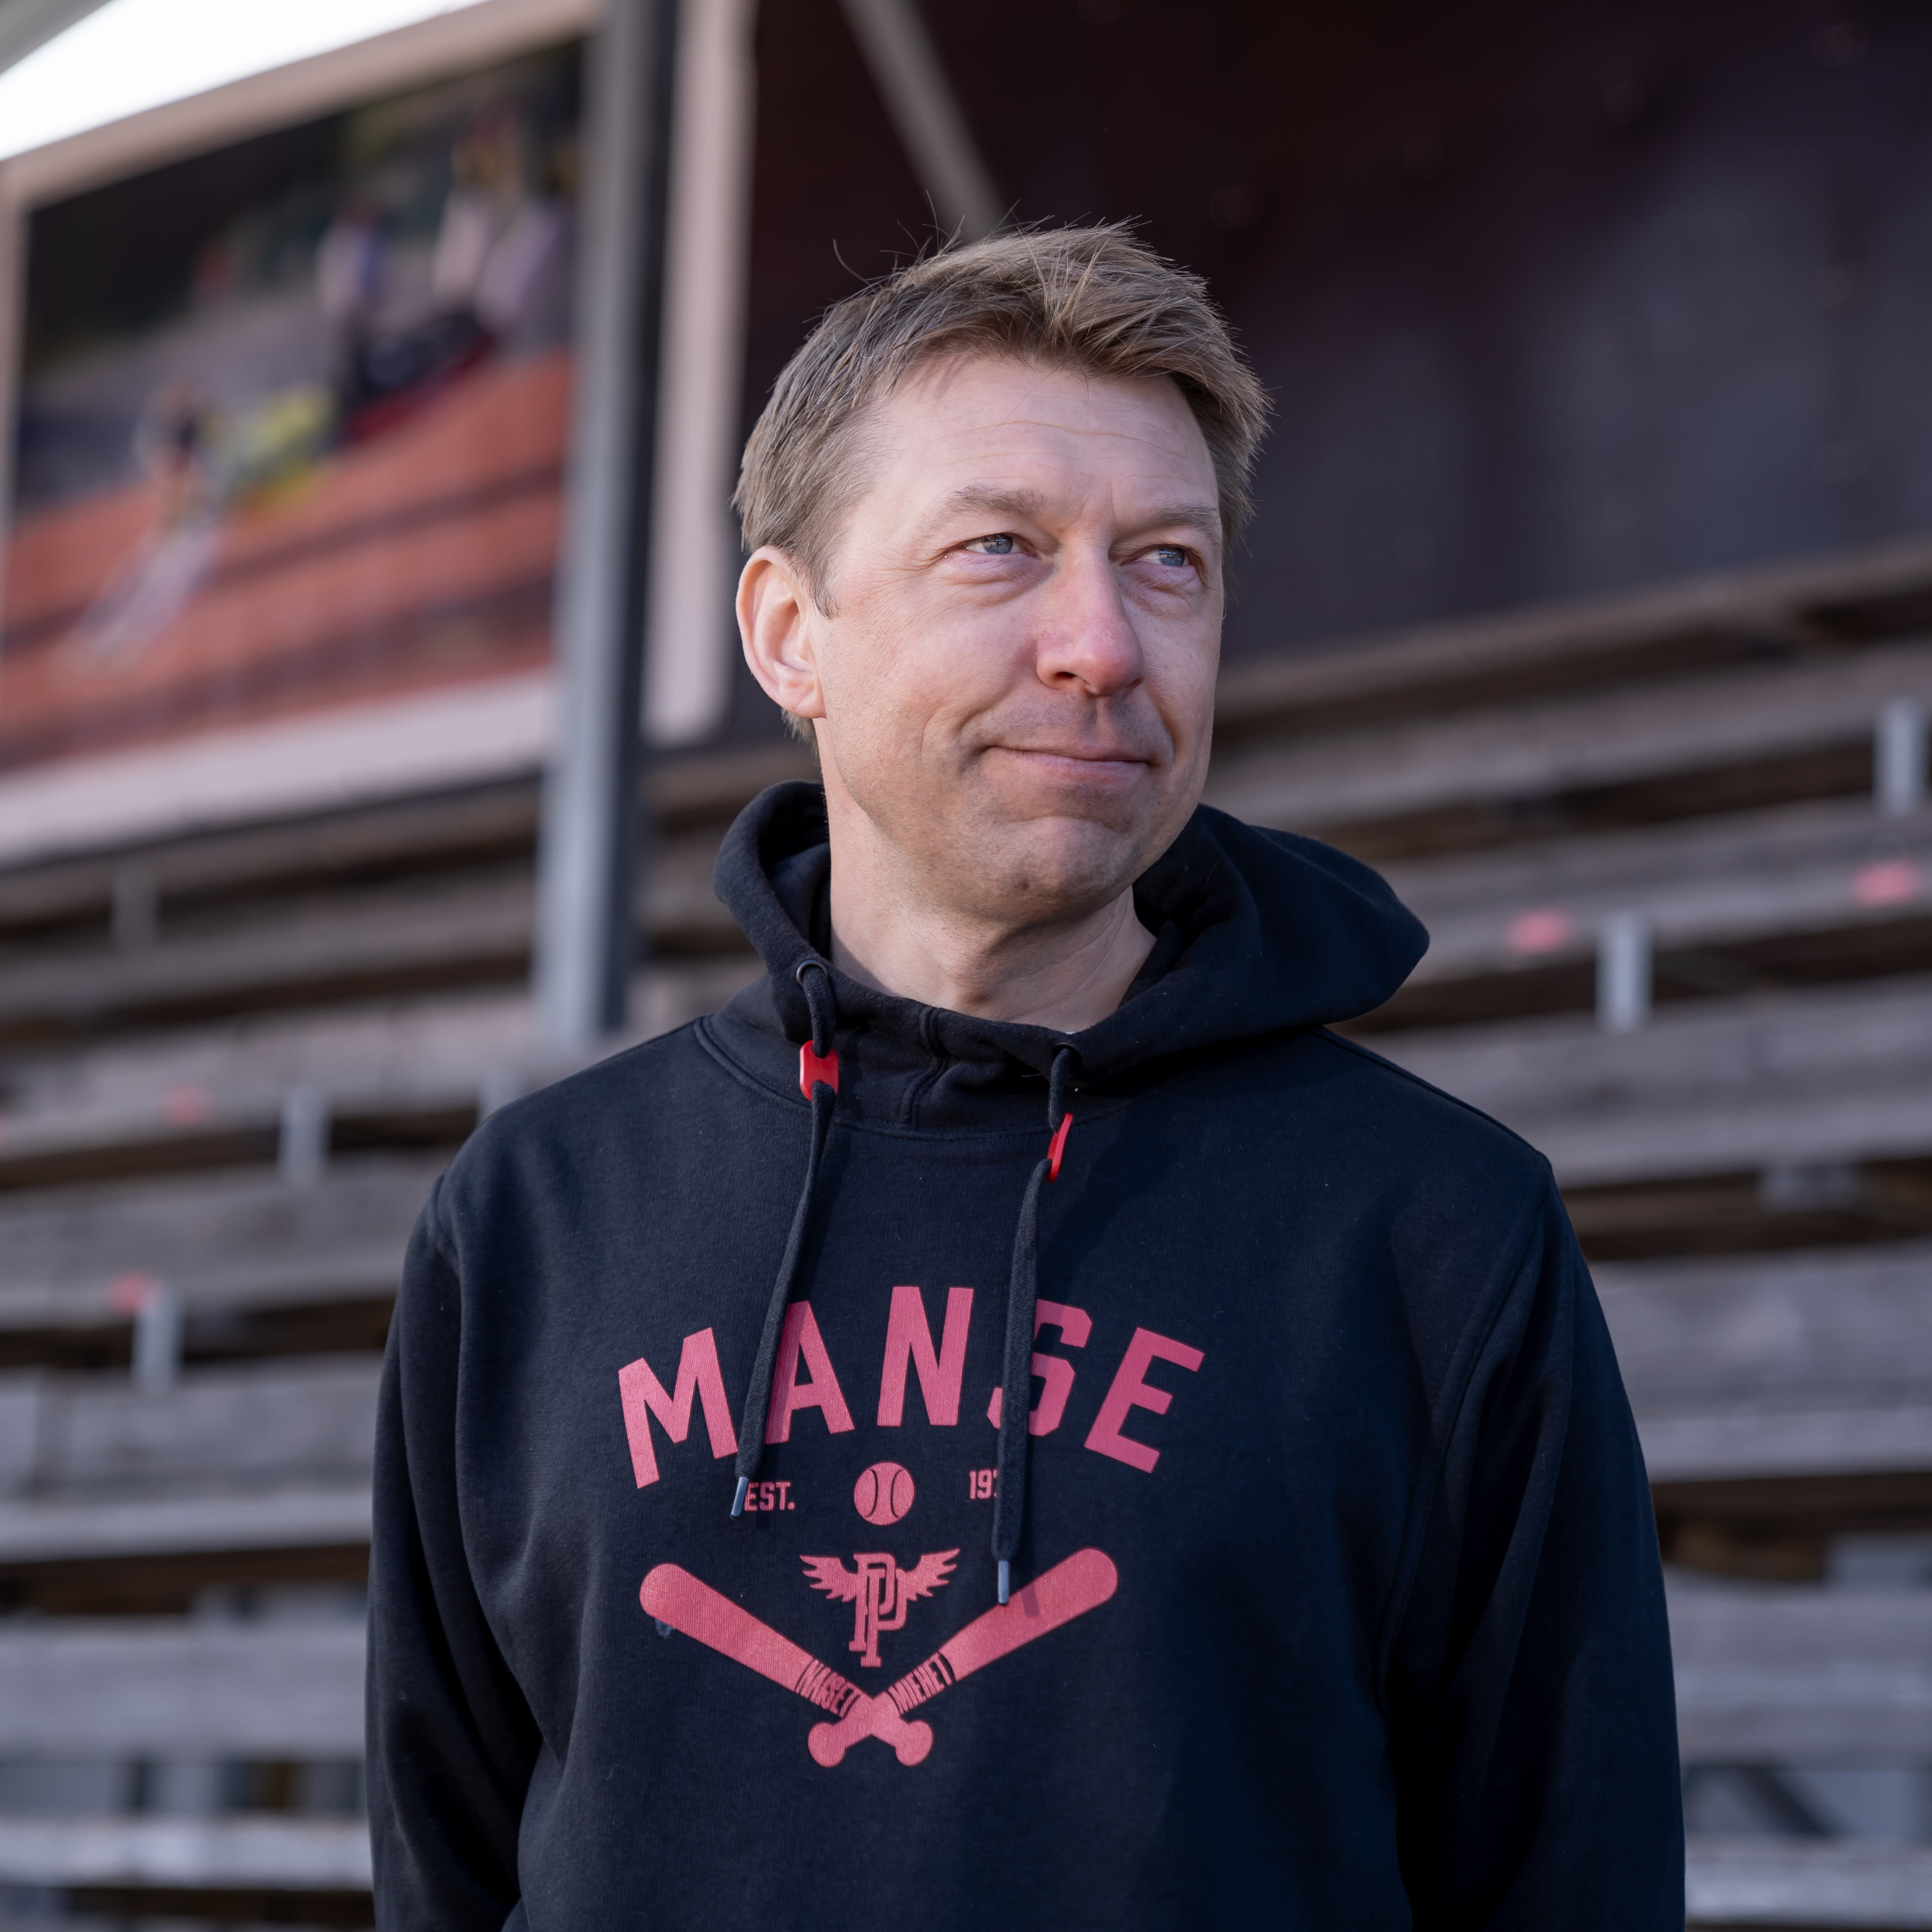 Pesäpalloseura Manse PP edustus ry:n puheenjohtaja Matti Helimo, Tampere, 23.5.2021.